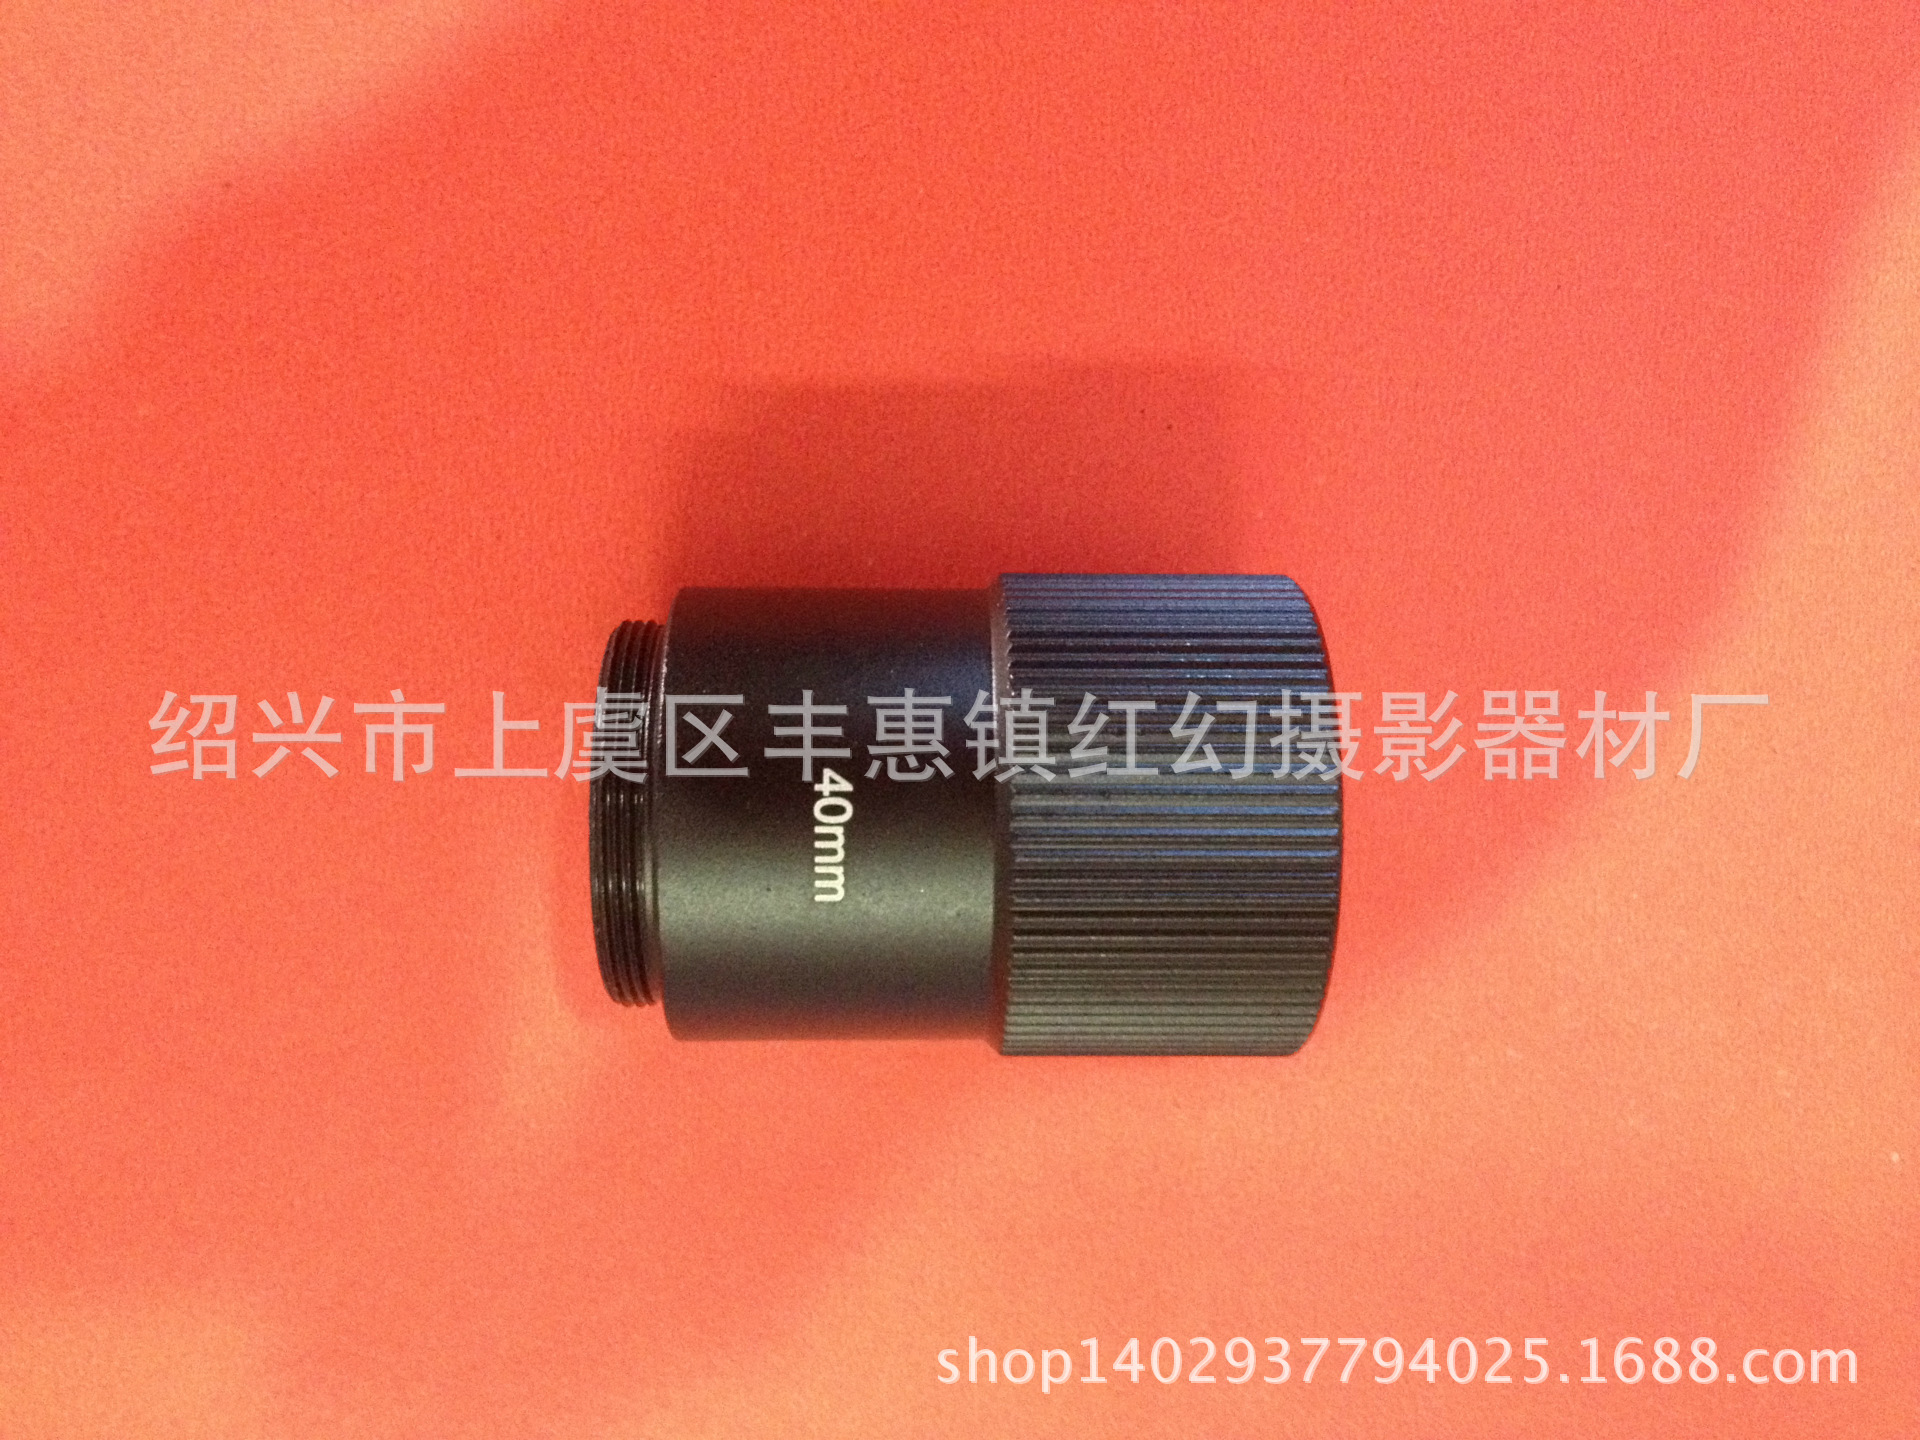 批发C-CS连接环 C/CS 镜头转接环 40mm接圈 工业相机用C口连接环